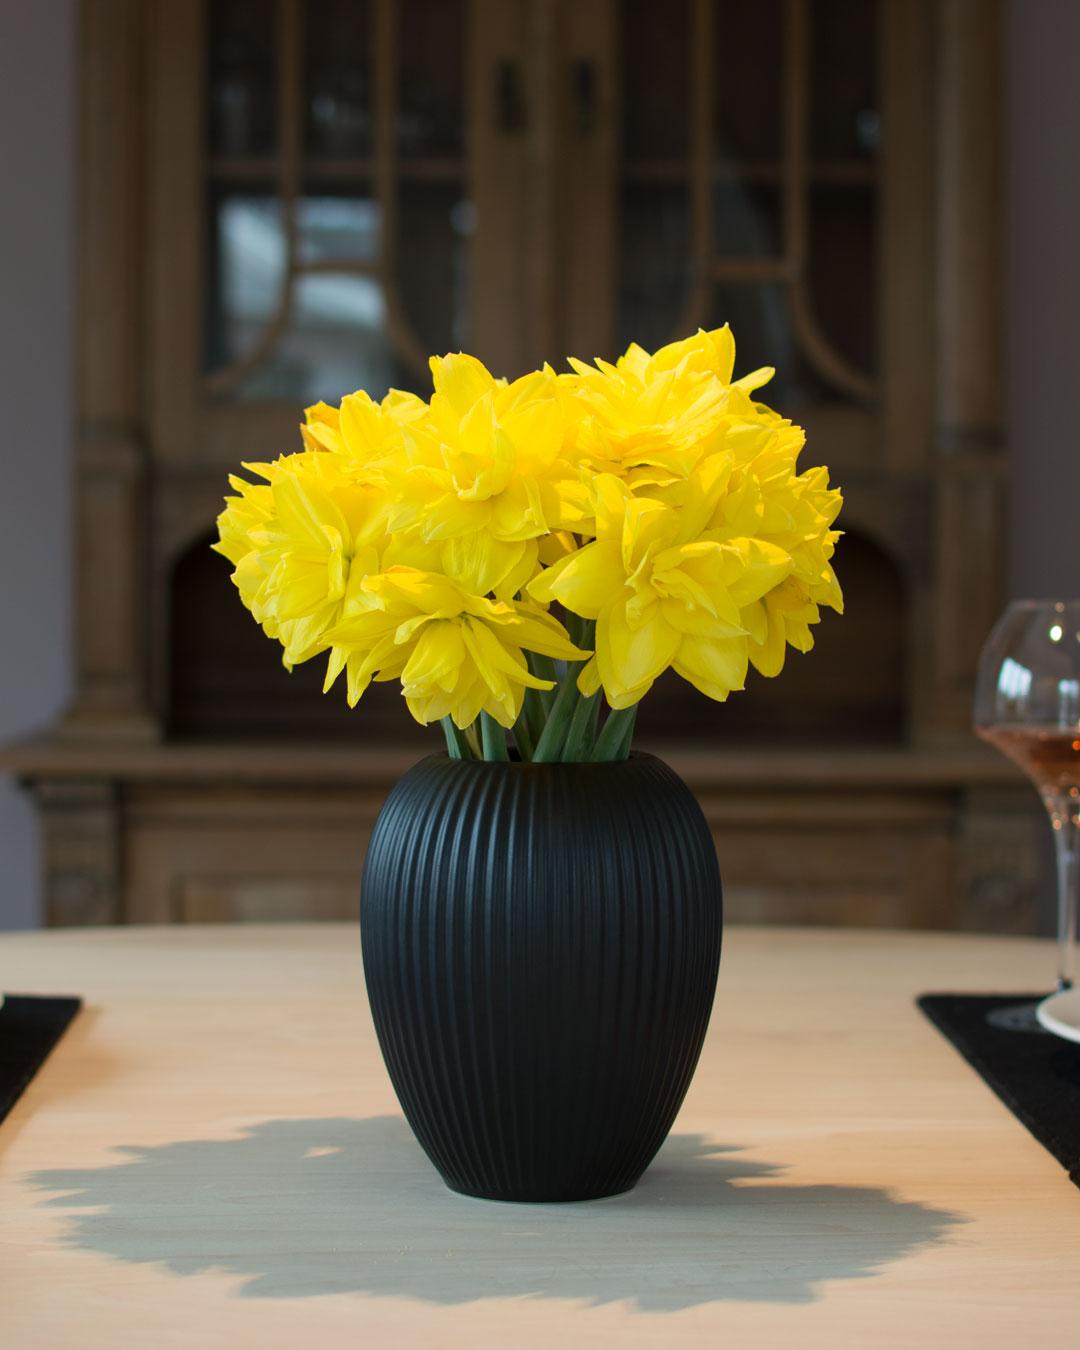 Sort vase fra Michael Andersen Keramik Model 4767 i 18 cm med påskeliljer på spisebord